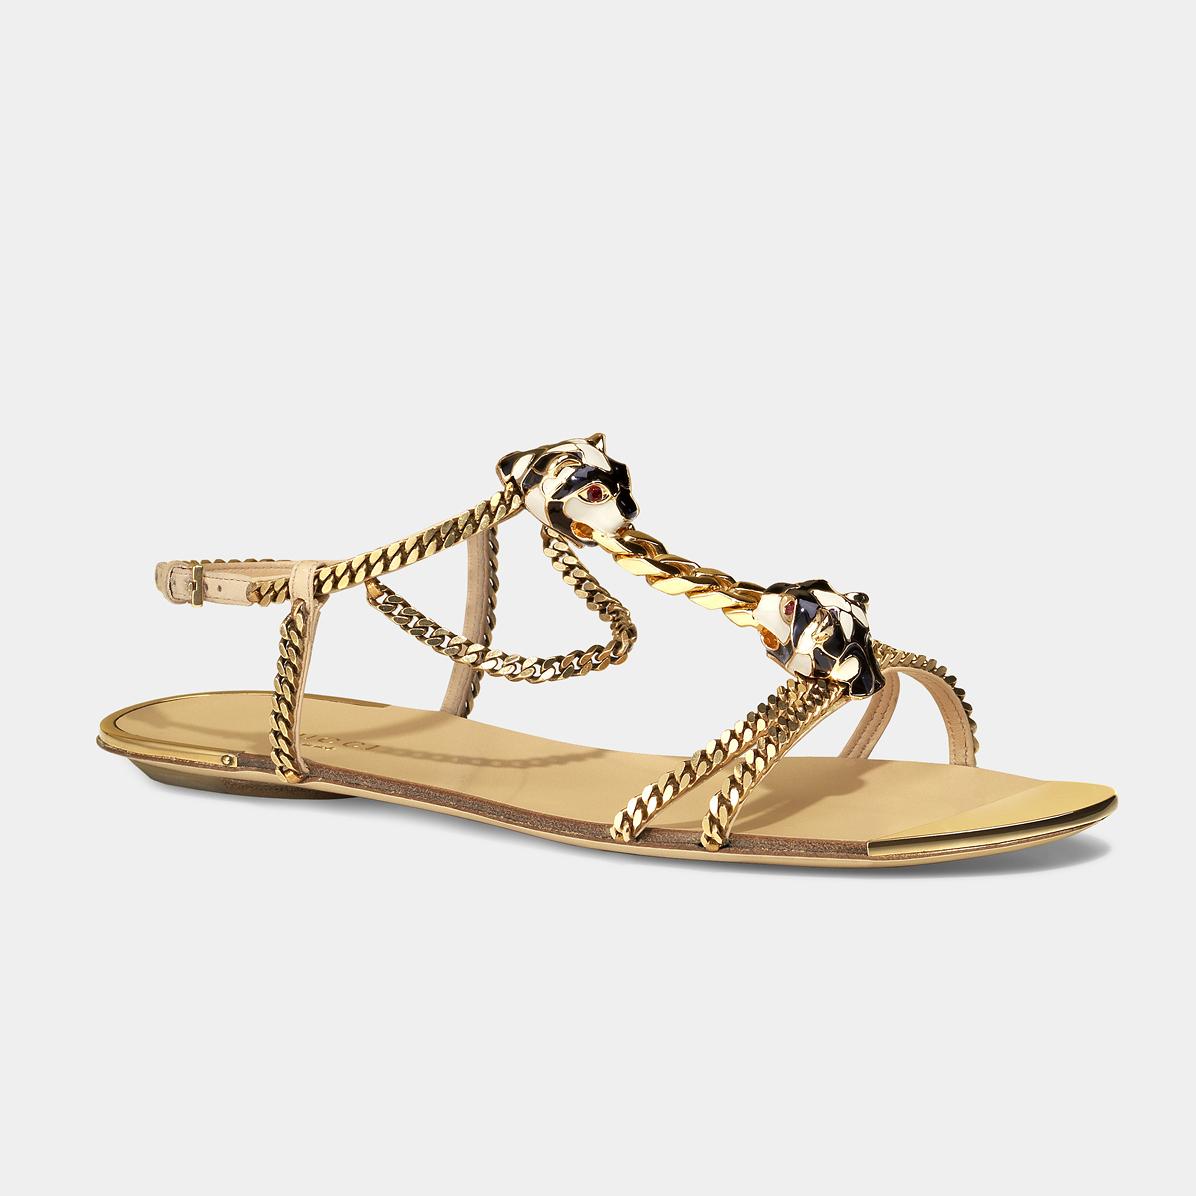 GUCCI金色链条平底凉鞋